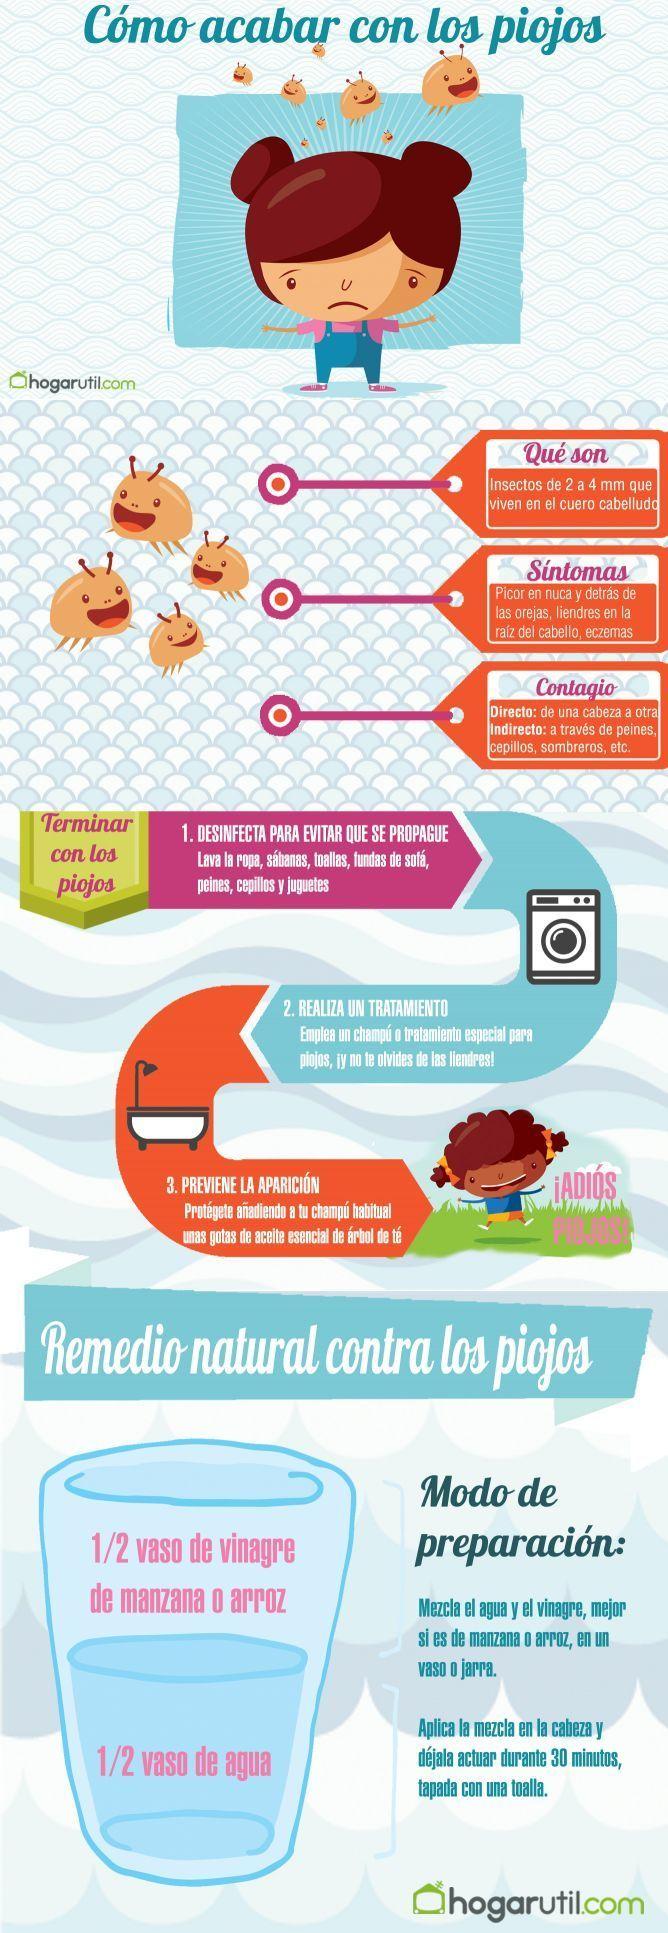 Que son los piojos y como acabar con ellos. #salud #piojos #remediosnaturales #infografia